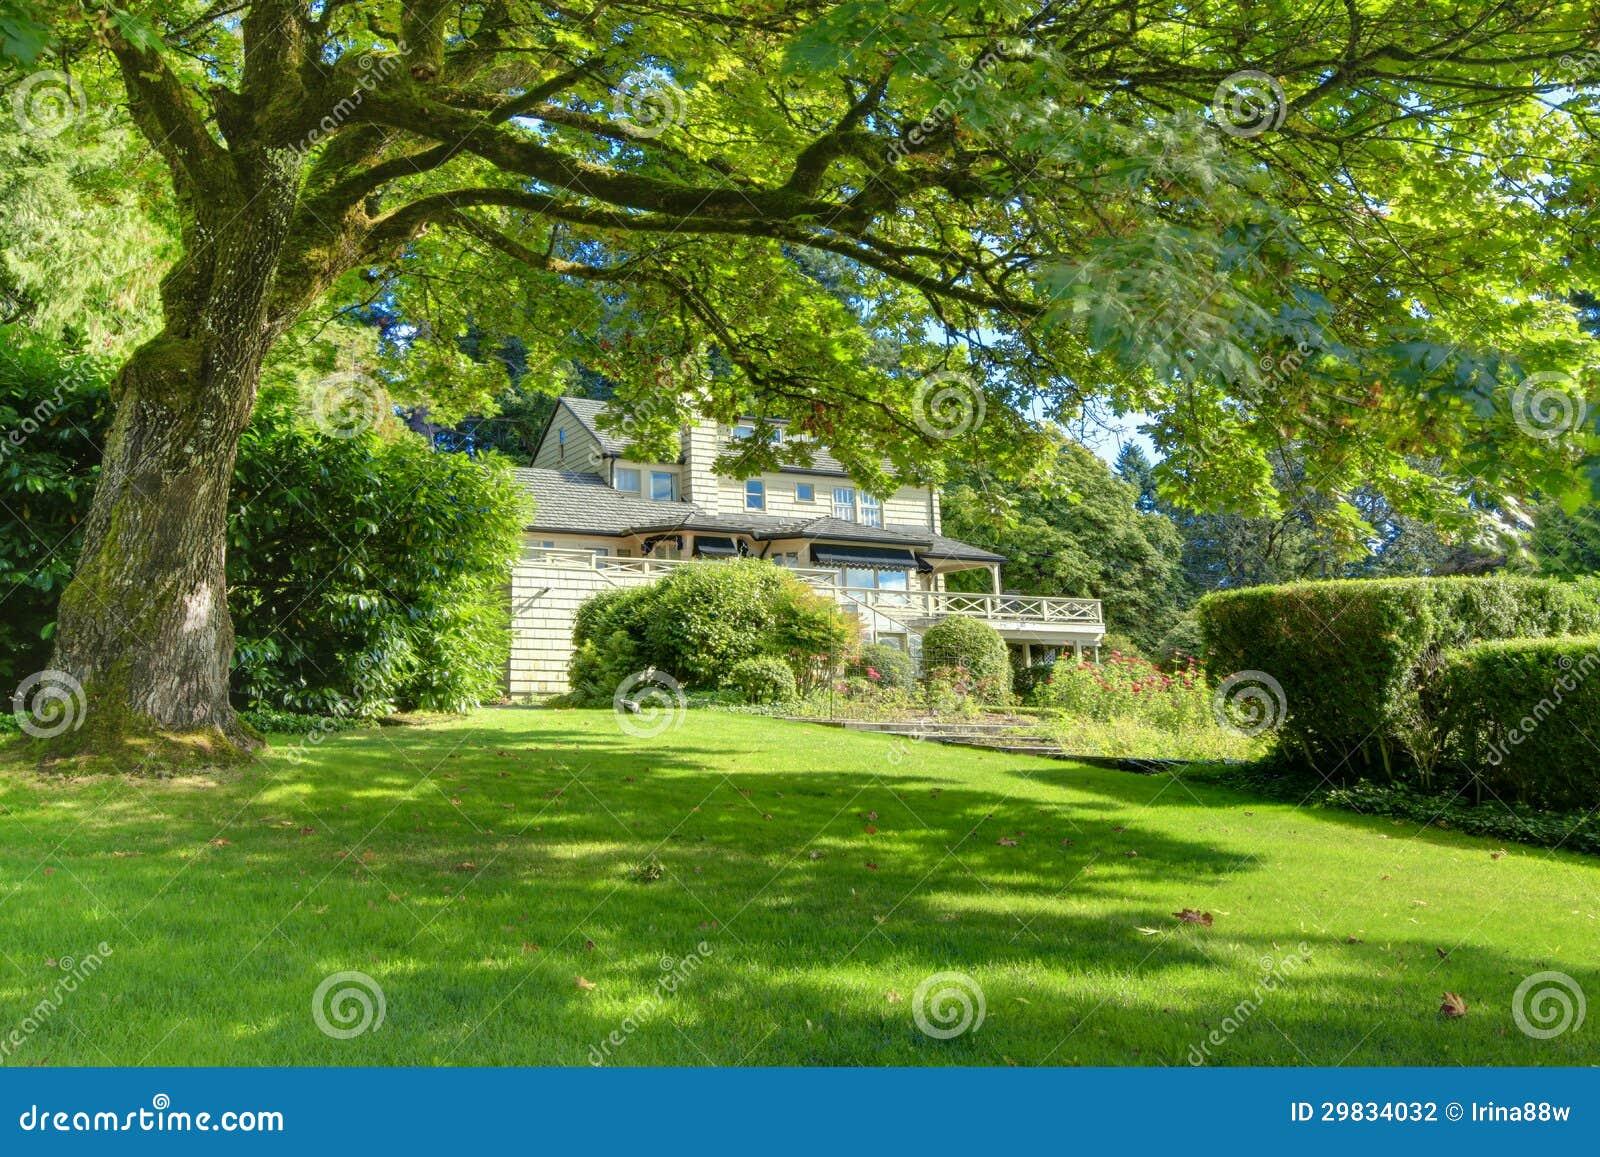 Grande casa marrom exterior com o jardim verde do verão.